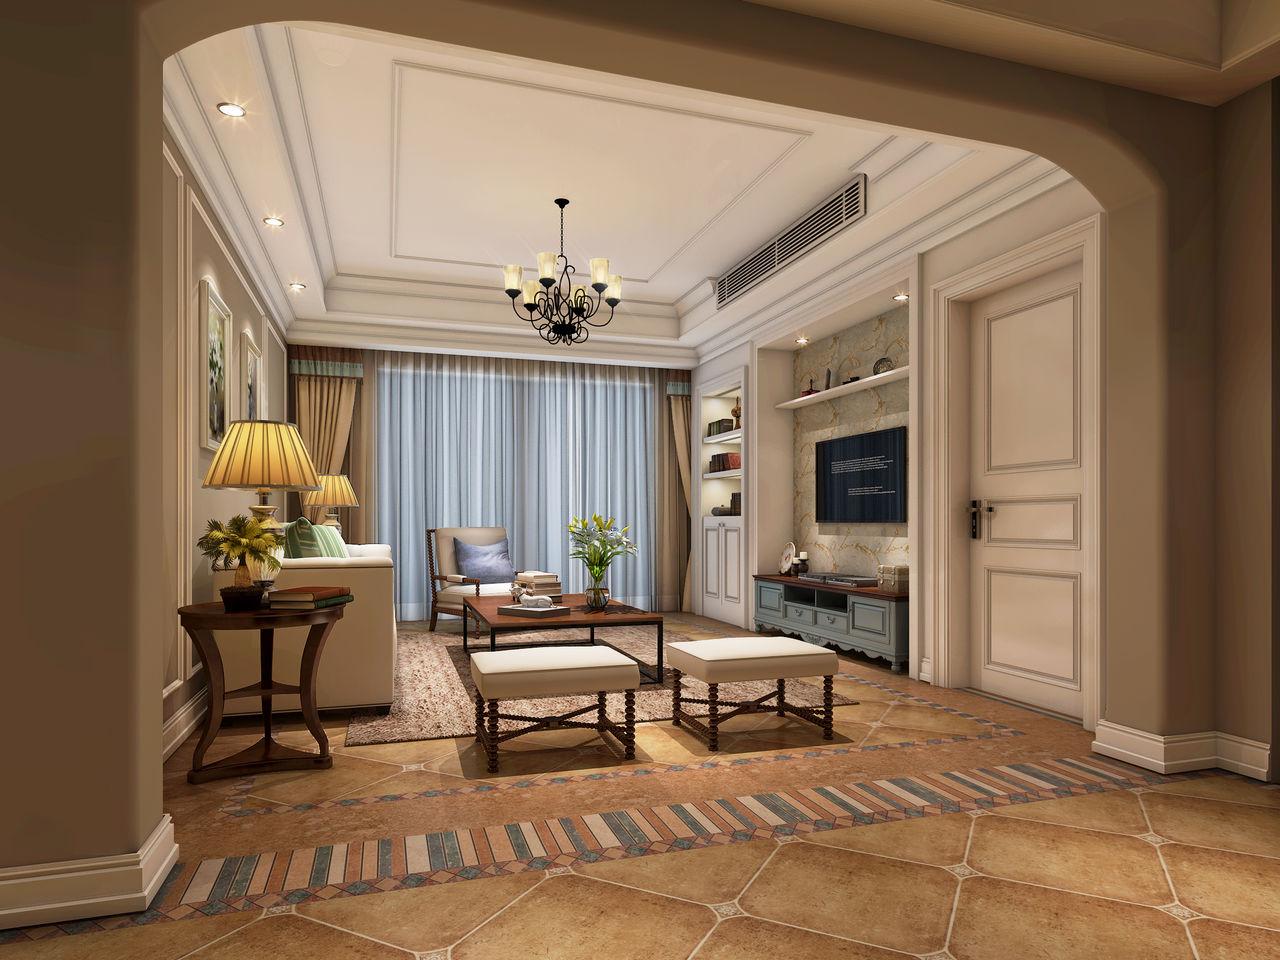 小户型室内装修设计很重要!